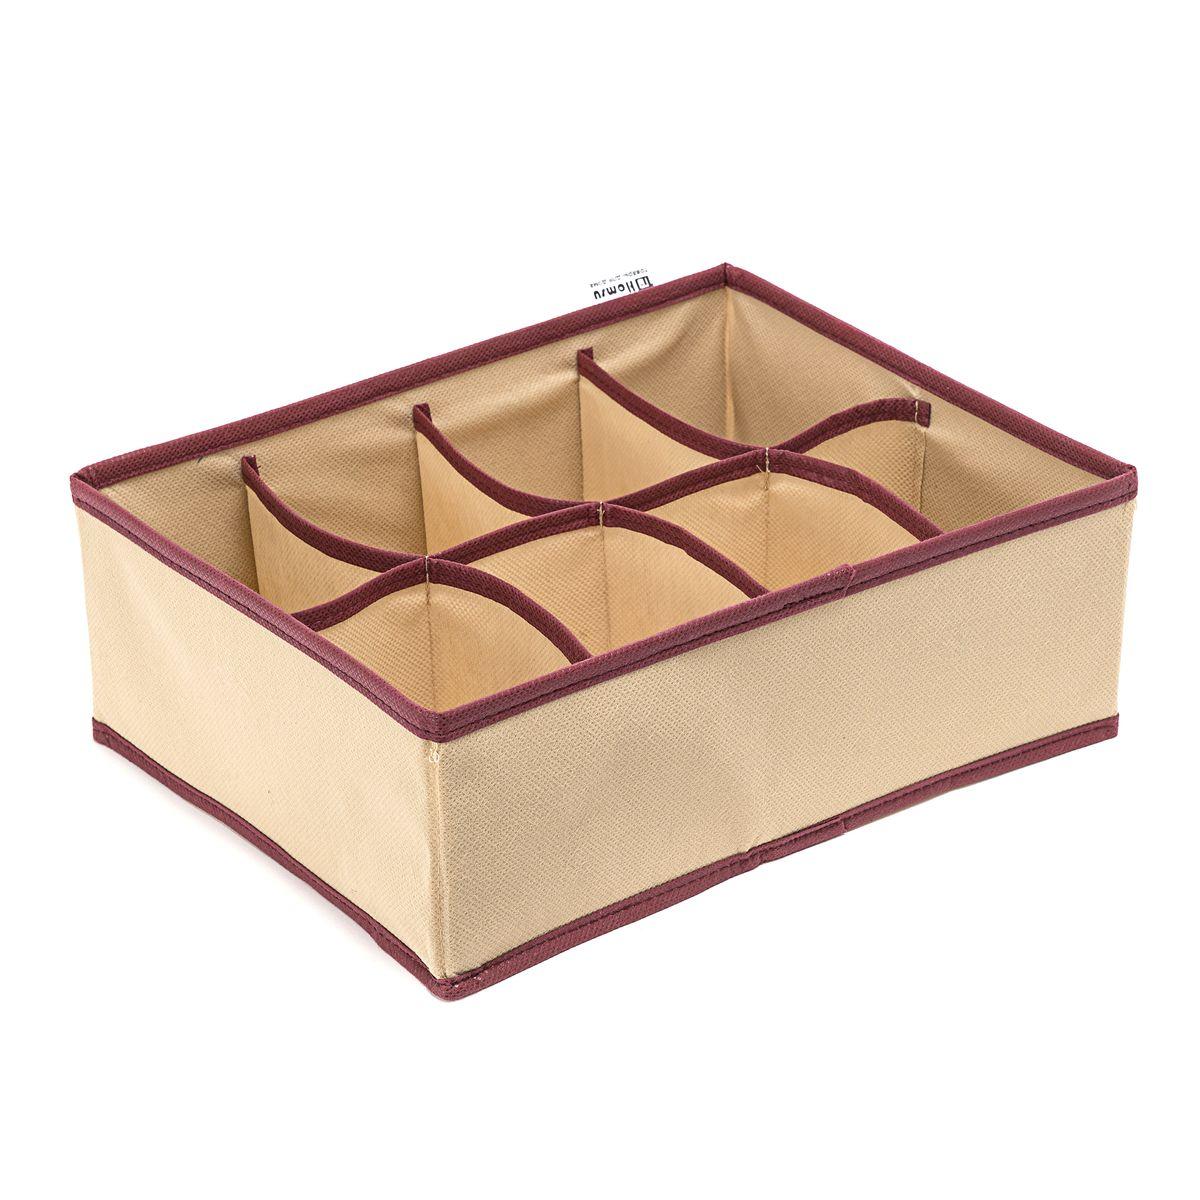 Органайзер Homsu Comfort, 8 секций, цвет: бежевый, 31 x 24 x 11 смHOM-678Прямоугольный, плоский органайзер имеет 8 раздельных ячеек размером 12Х8см, очень удобен для хранения вещей среднего размера в вашем ящике или на полке. Идеально для белья, шапок, рукавиц и других вещей ежедневного пользования. Имеет жесткие борта, что является гарантией сохранности вещей. Размер изделия:31x24x11см